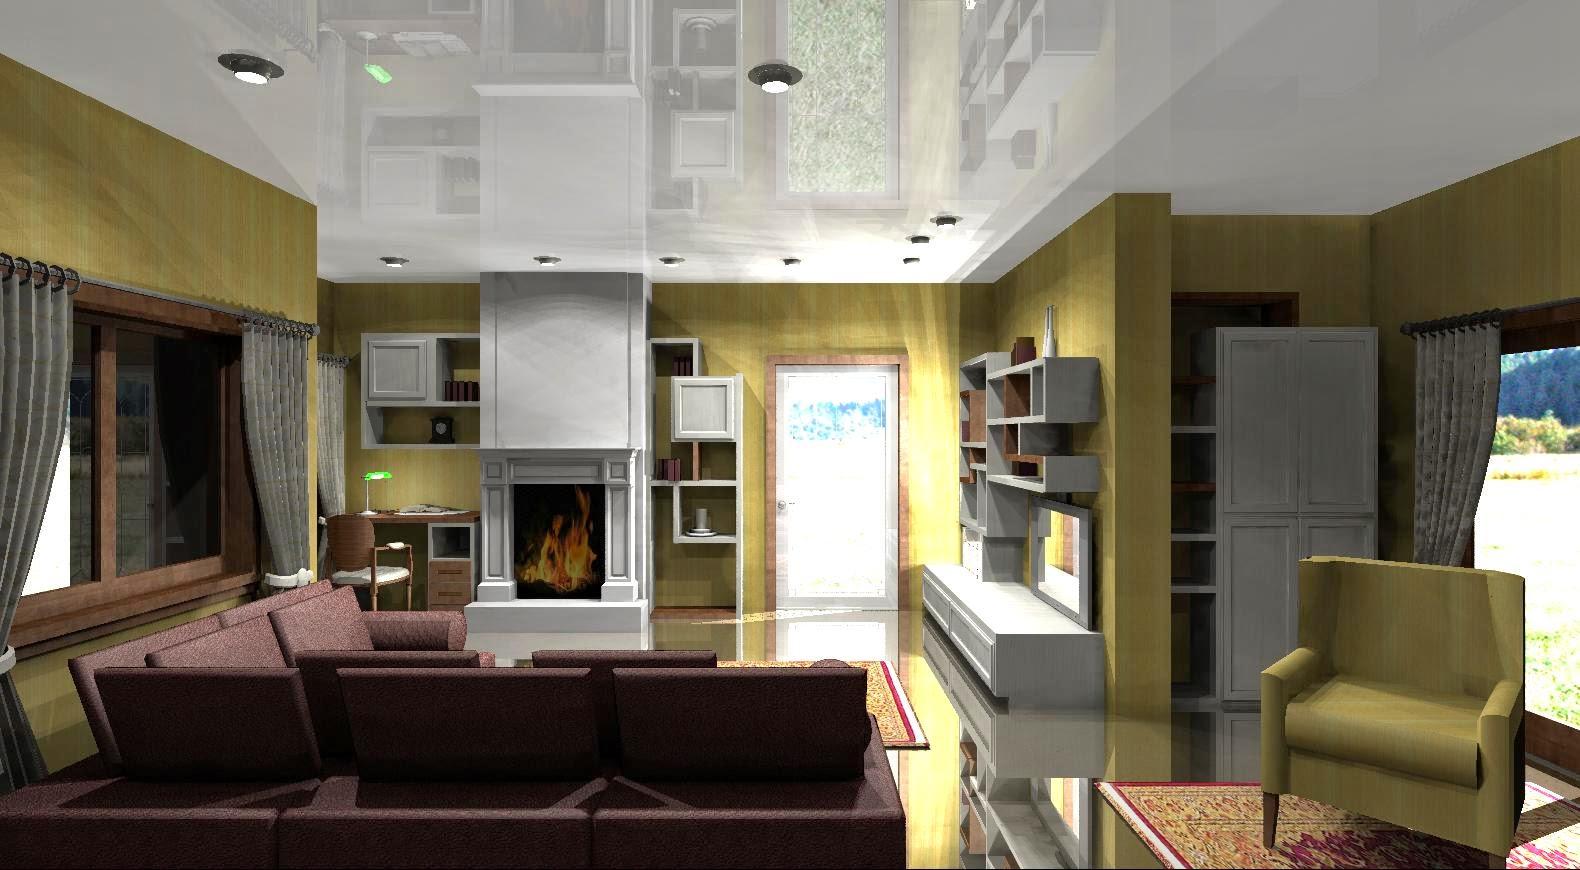 uno studio a vista nel soggiorno - Creare Una Zona Studio In Soggiorno 2